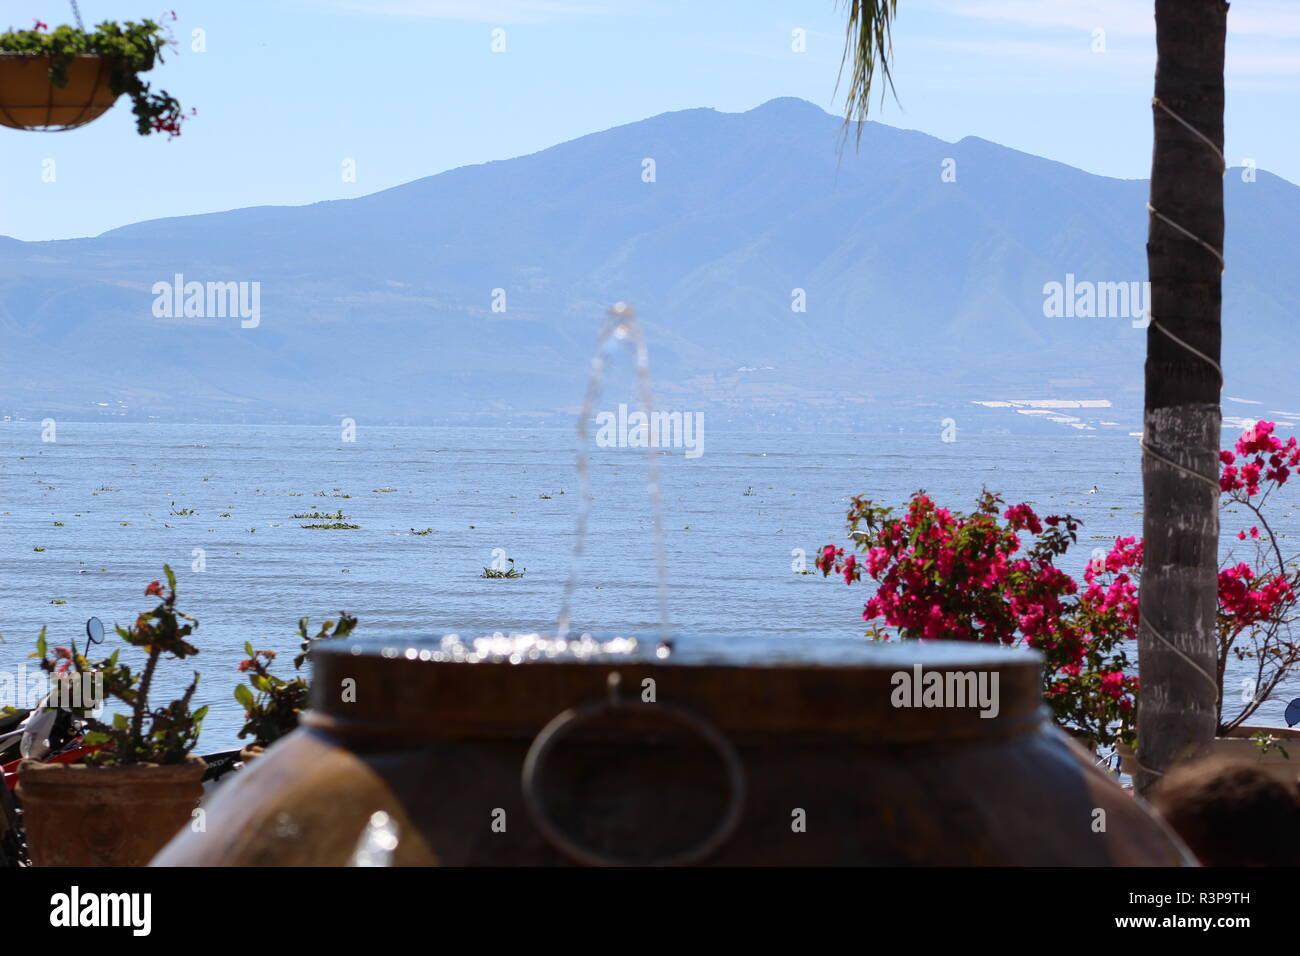 Fuente de vasija en Chapala, Jalisco, Mexico foto tomada a medio dia  en la que aparece en primer plano la fuente, en segundo plano unas flores - Stock Image